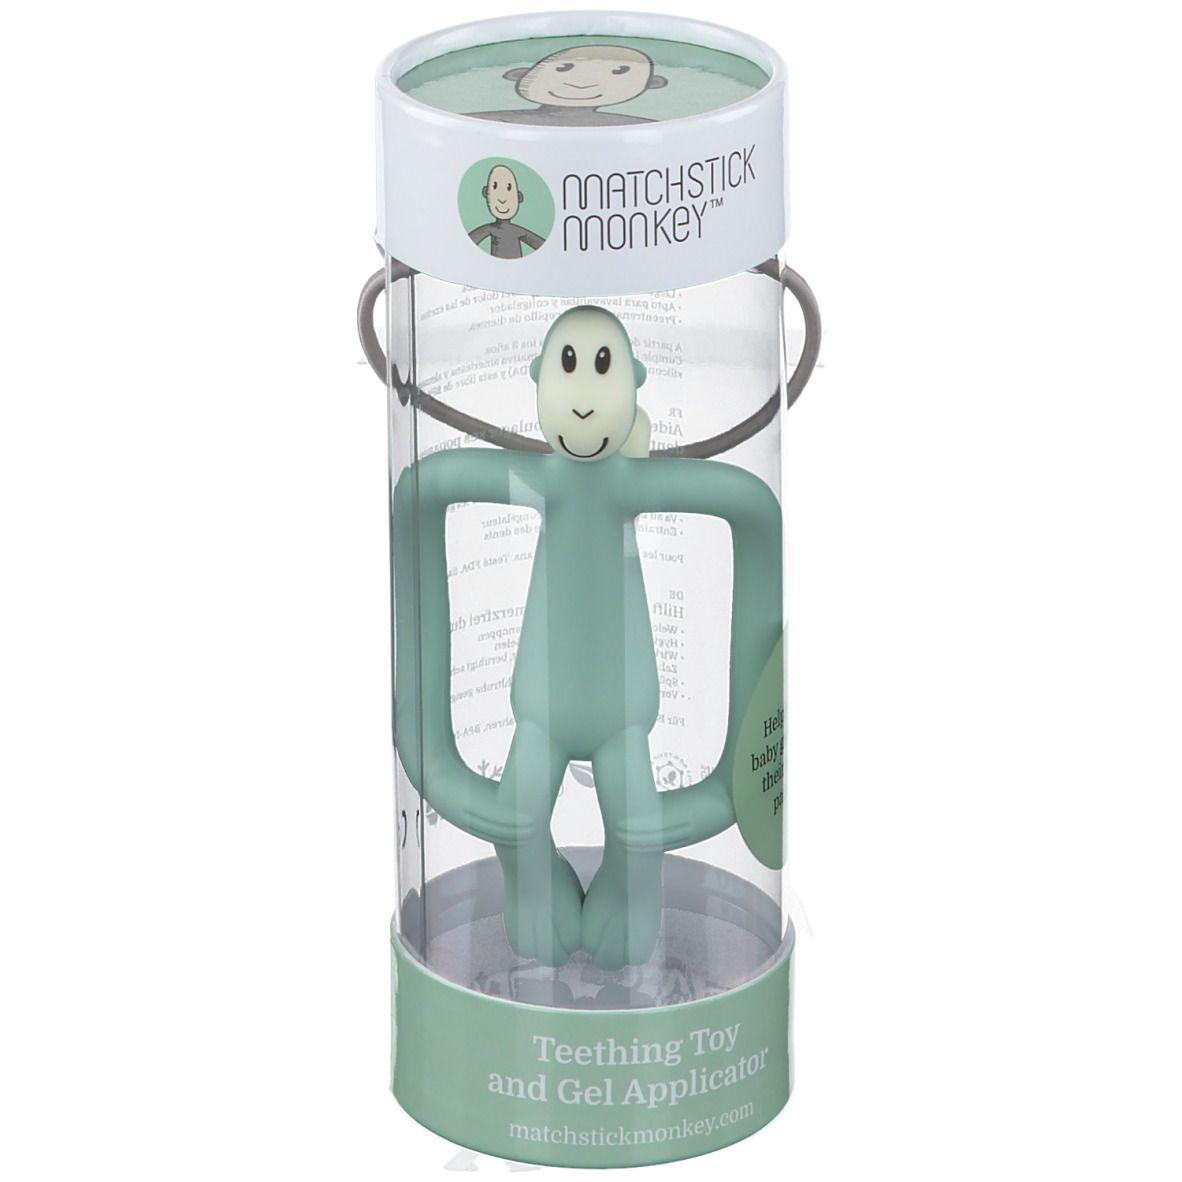 Avent Matchstick Monkey Anneau de dentition Vert menthe pc(s) anneau(x) de dentition